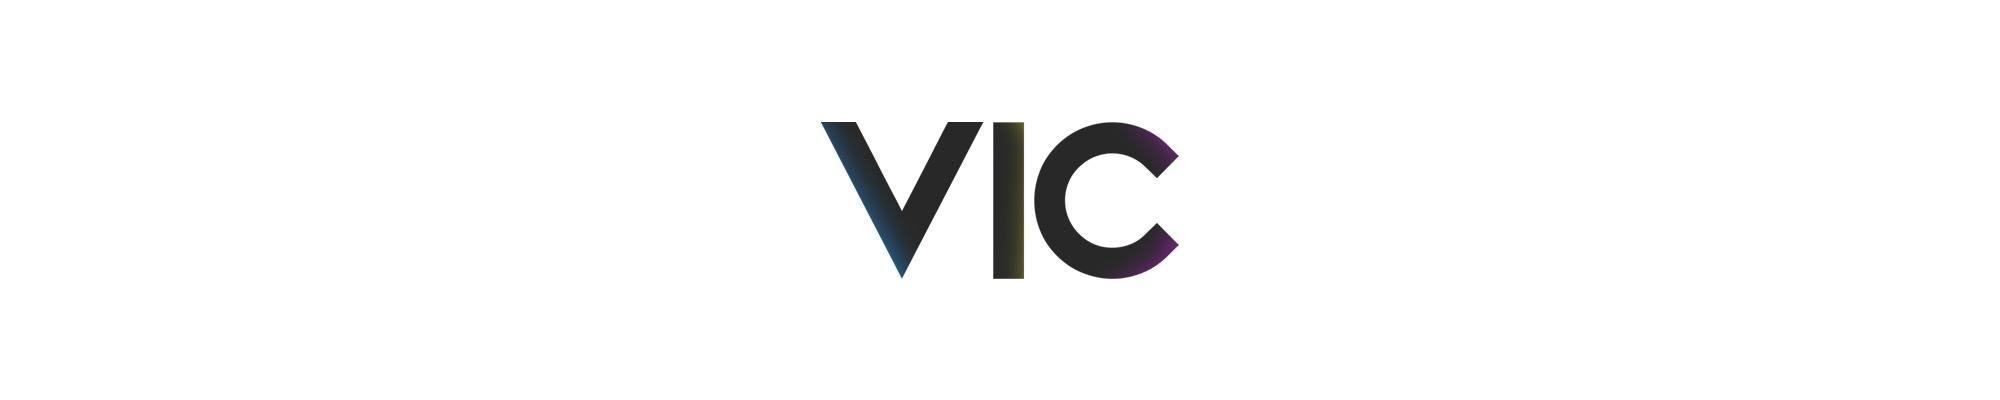 VIC Innovations